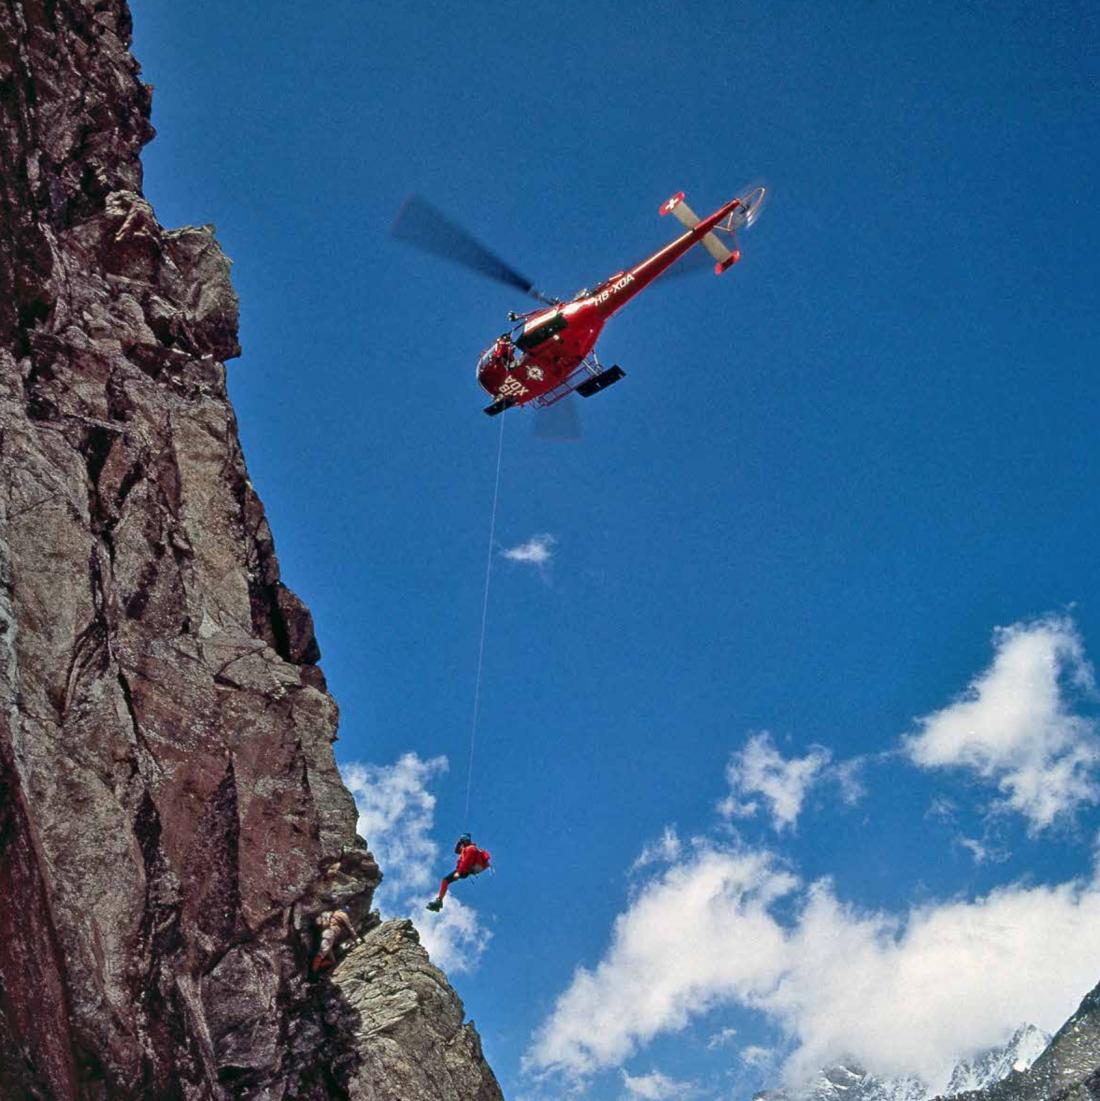 Übung einer Direktrettungen an gefährlichen Berghängen wie der Eigernordwand